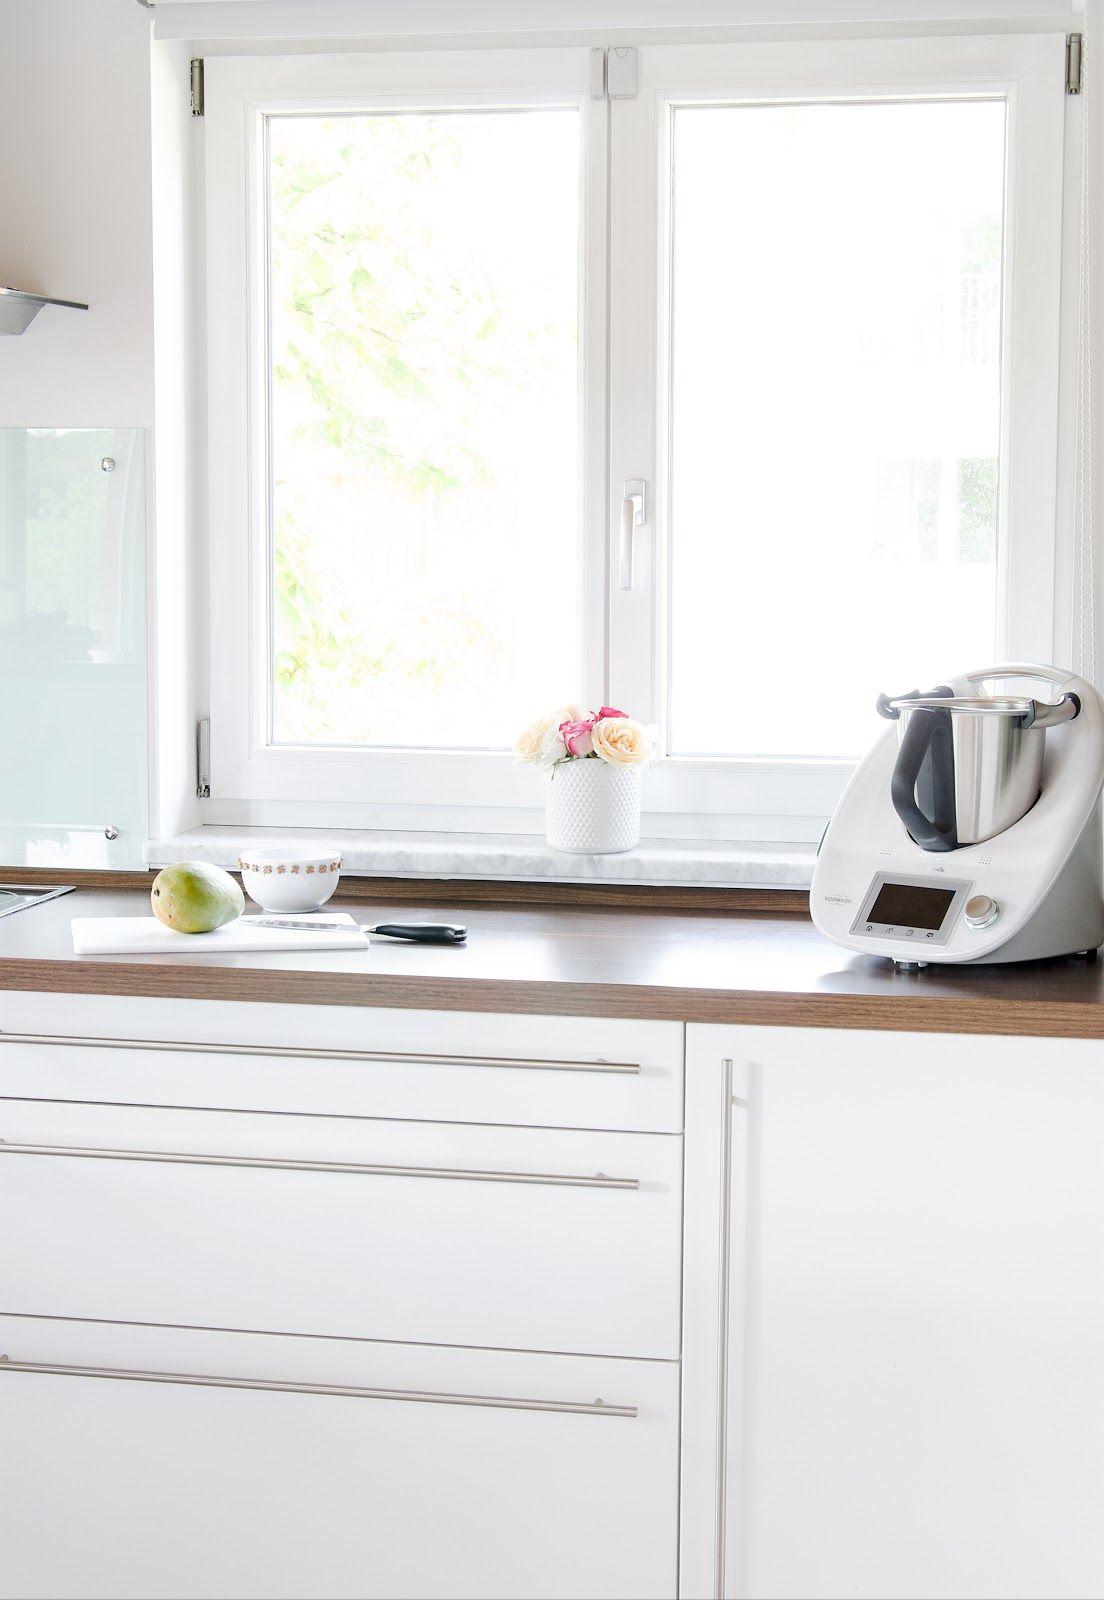 Eine aufgeräumte Küche mit dem neuen Küchengerät Thermomix.